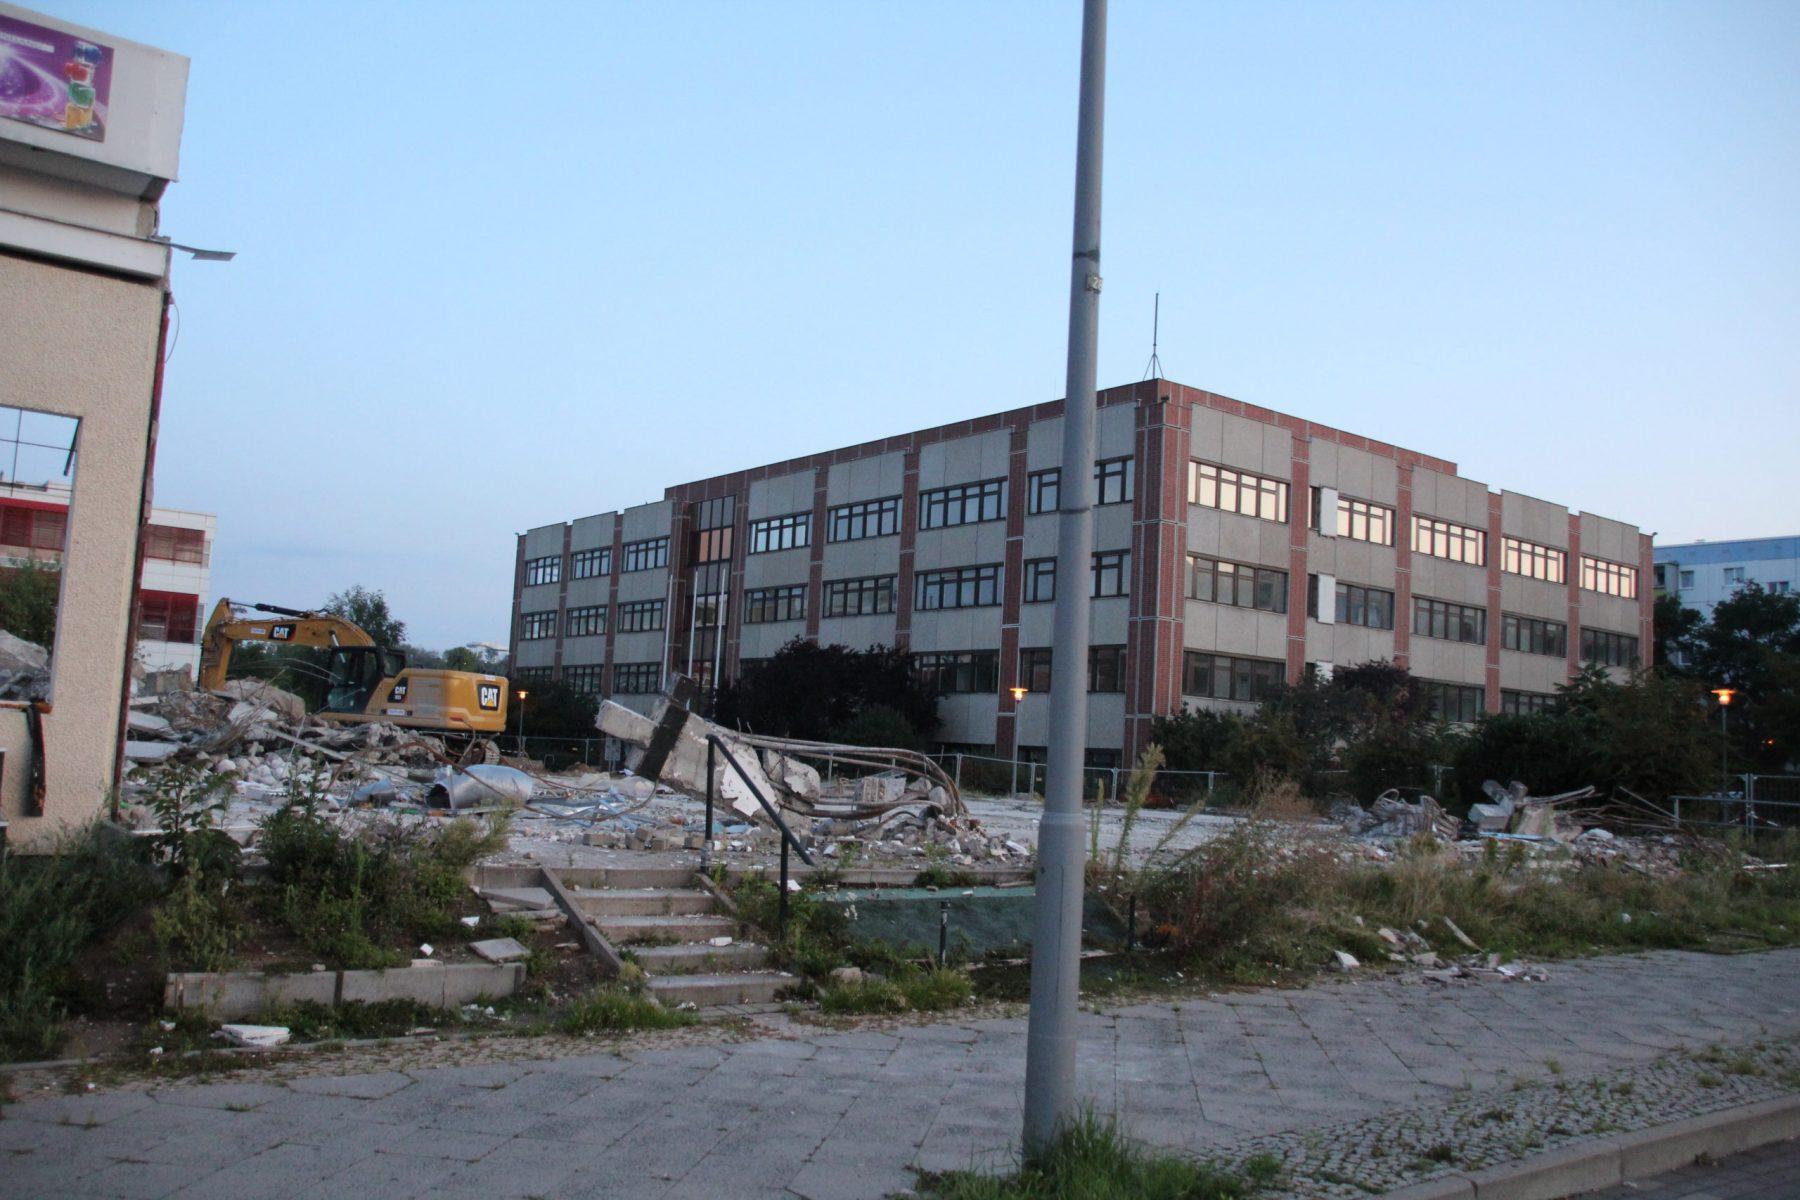 IMG_2010-scaled